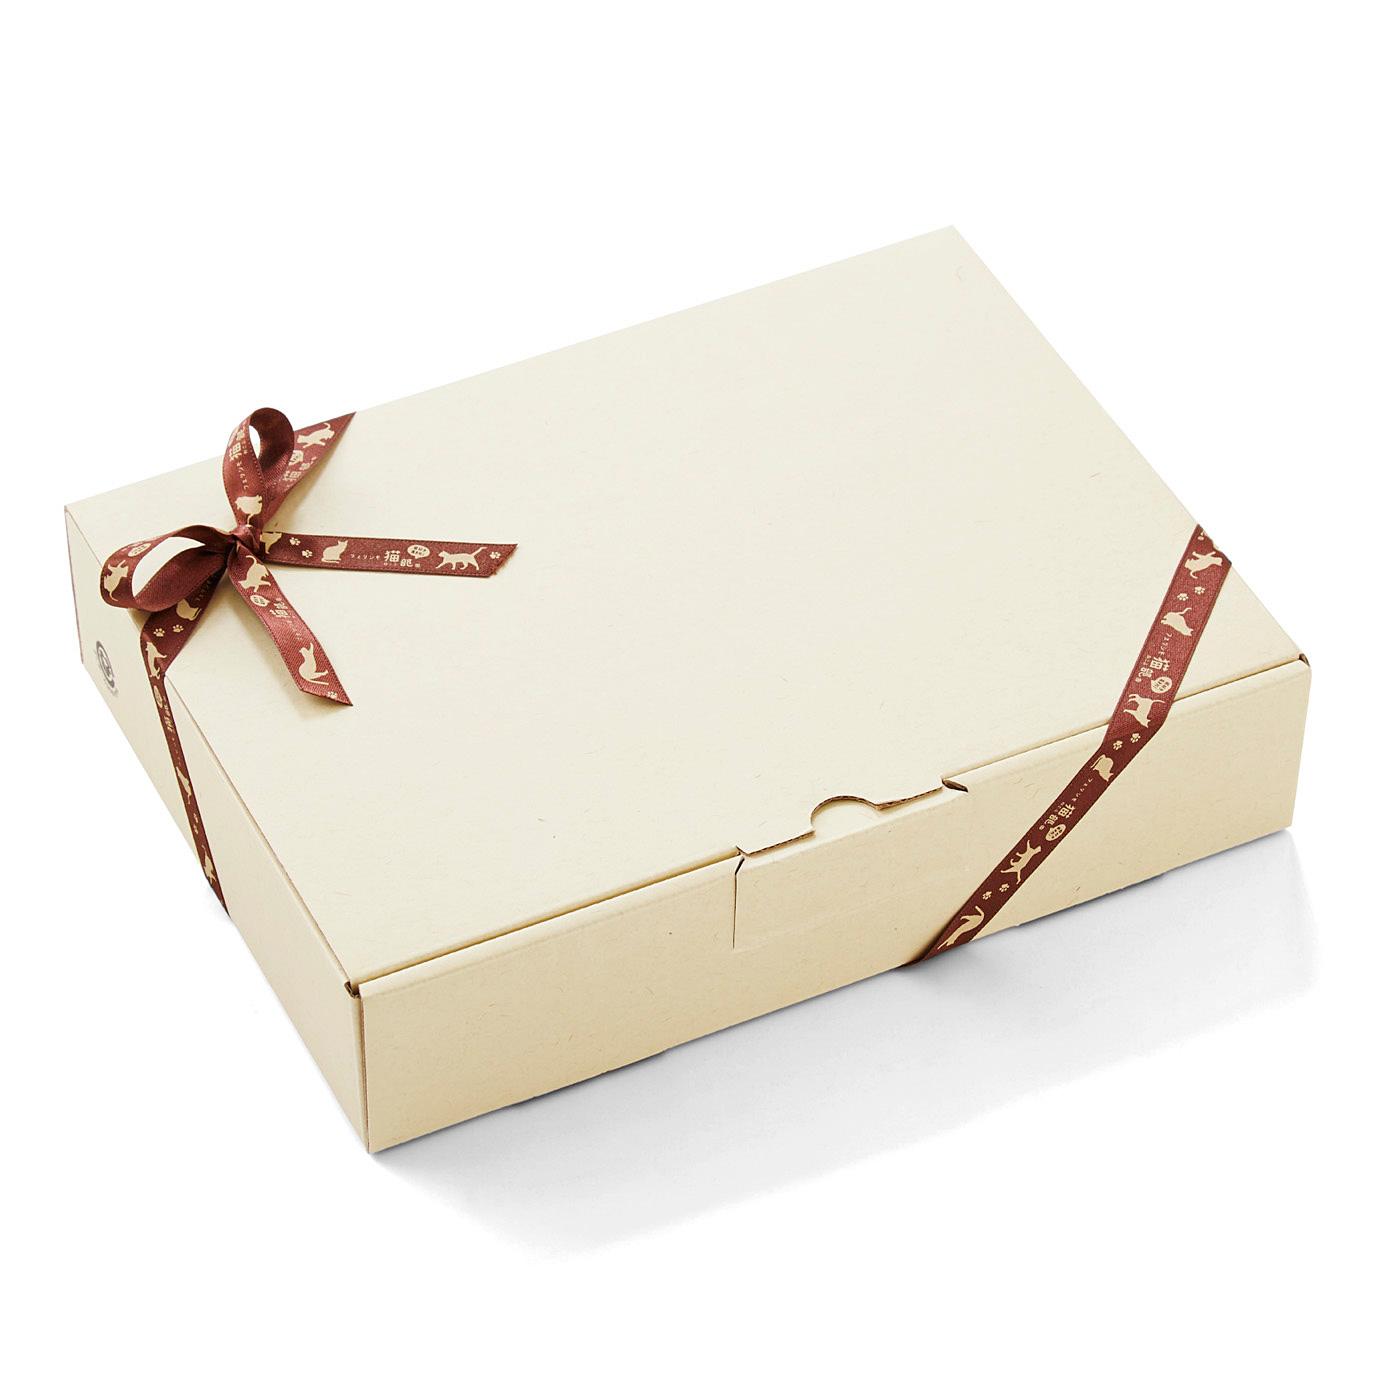 お届けのギフトボックスに同梱のリボンを結べばプレゼント仕様に!